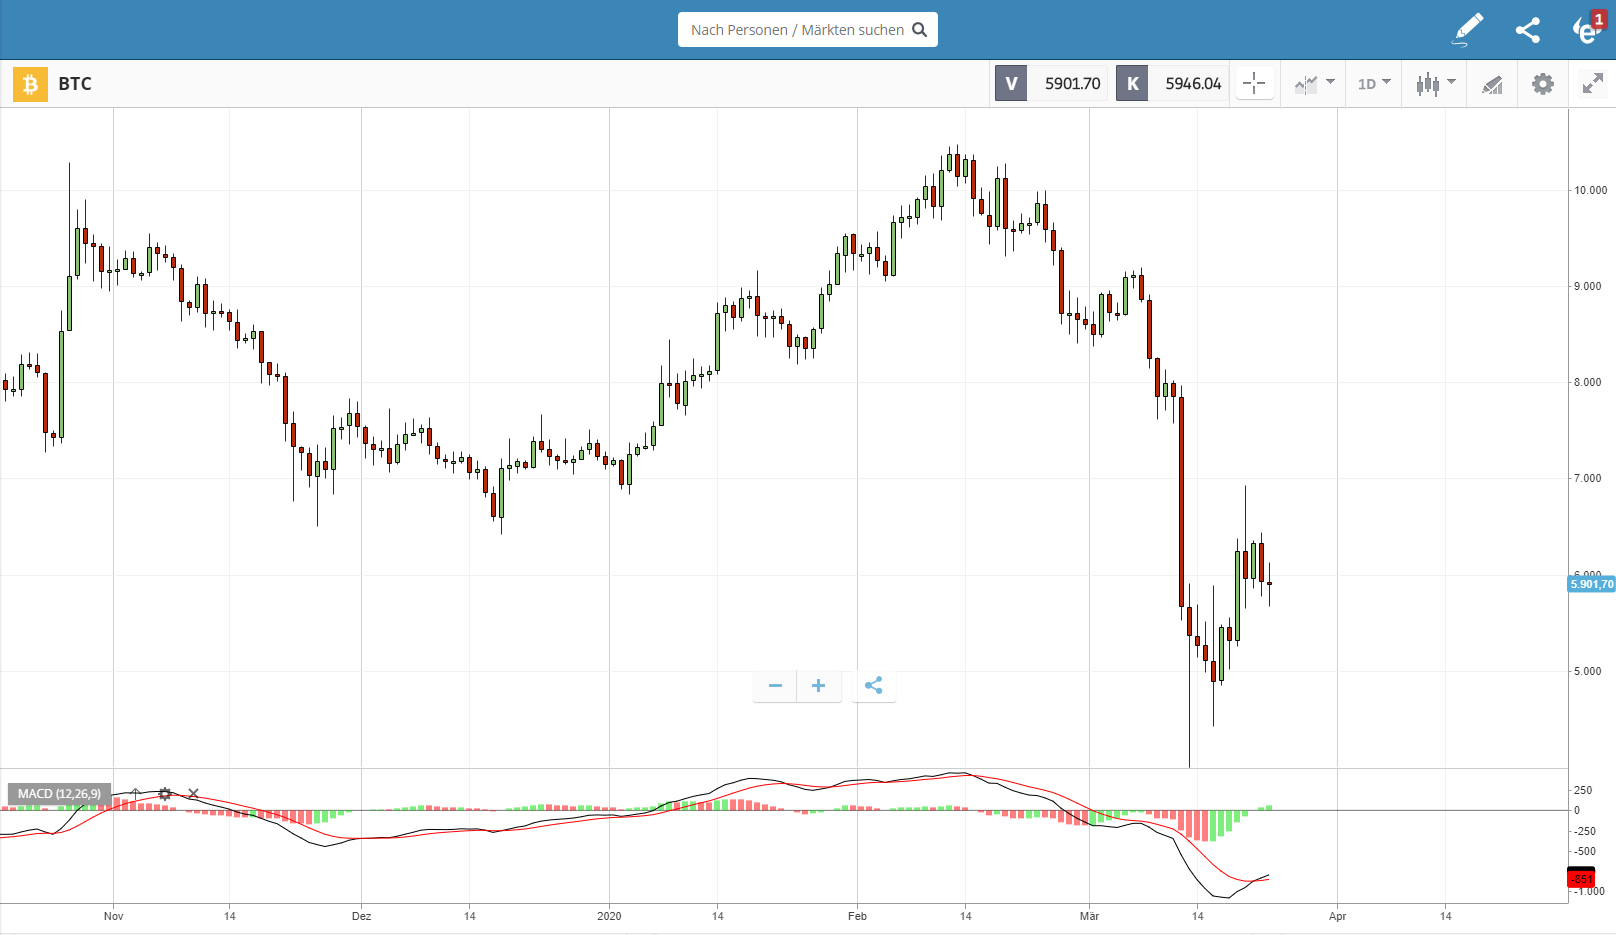 Charting für das Kryptowährungen Trading